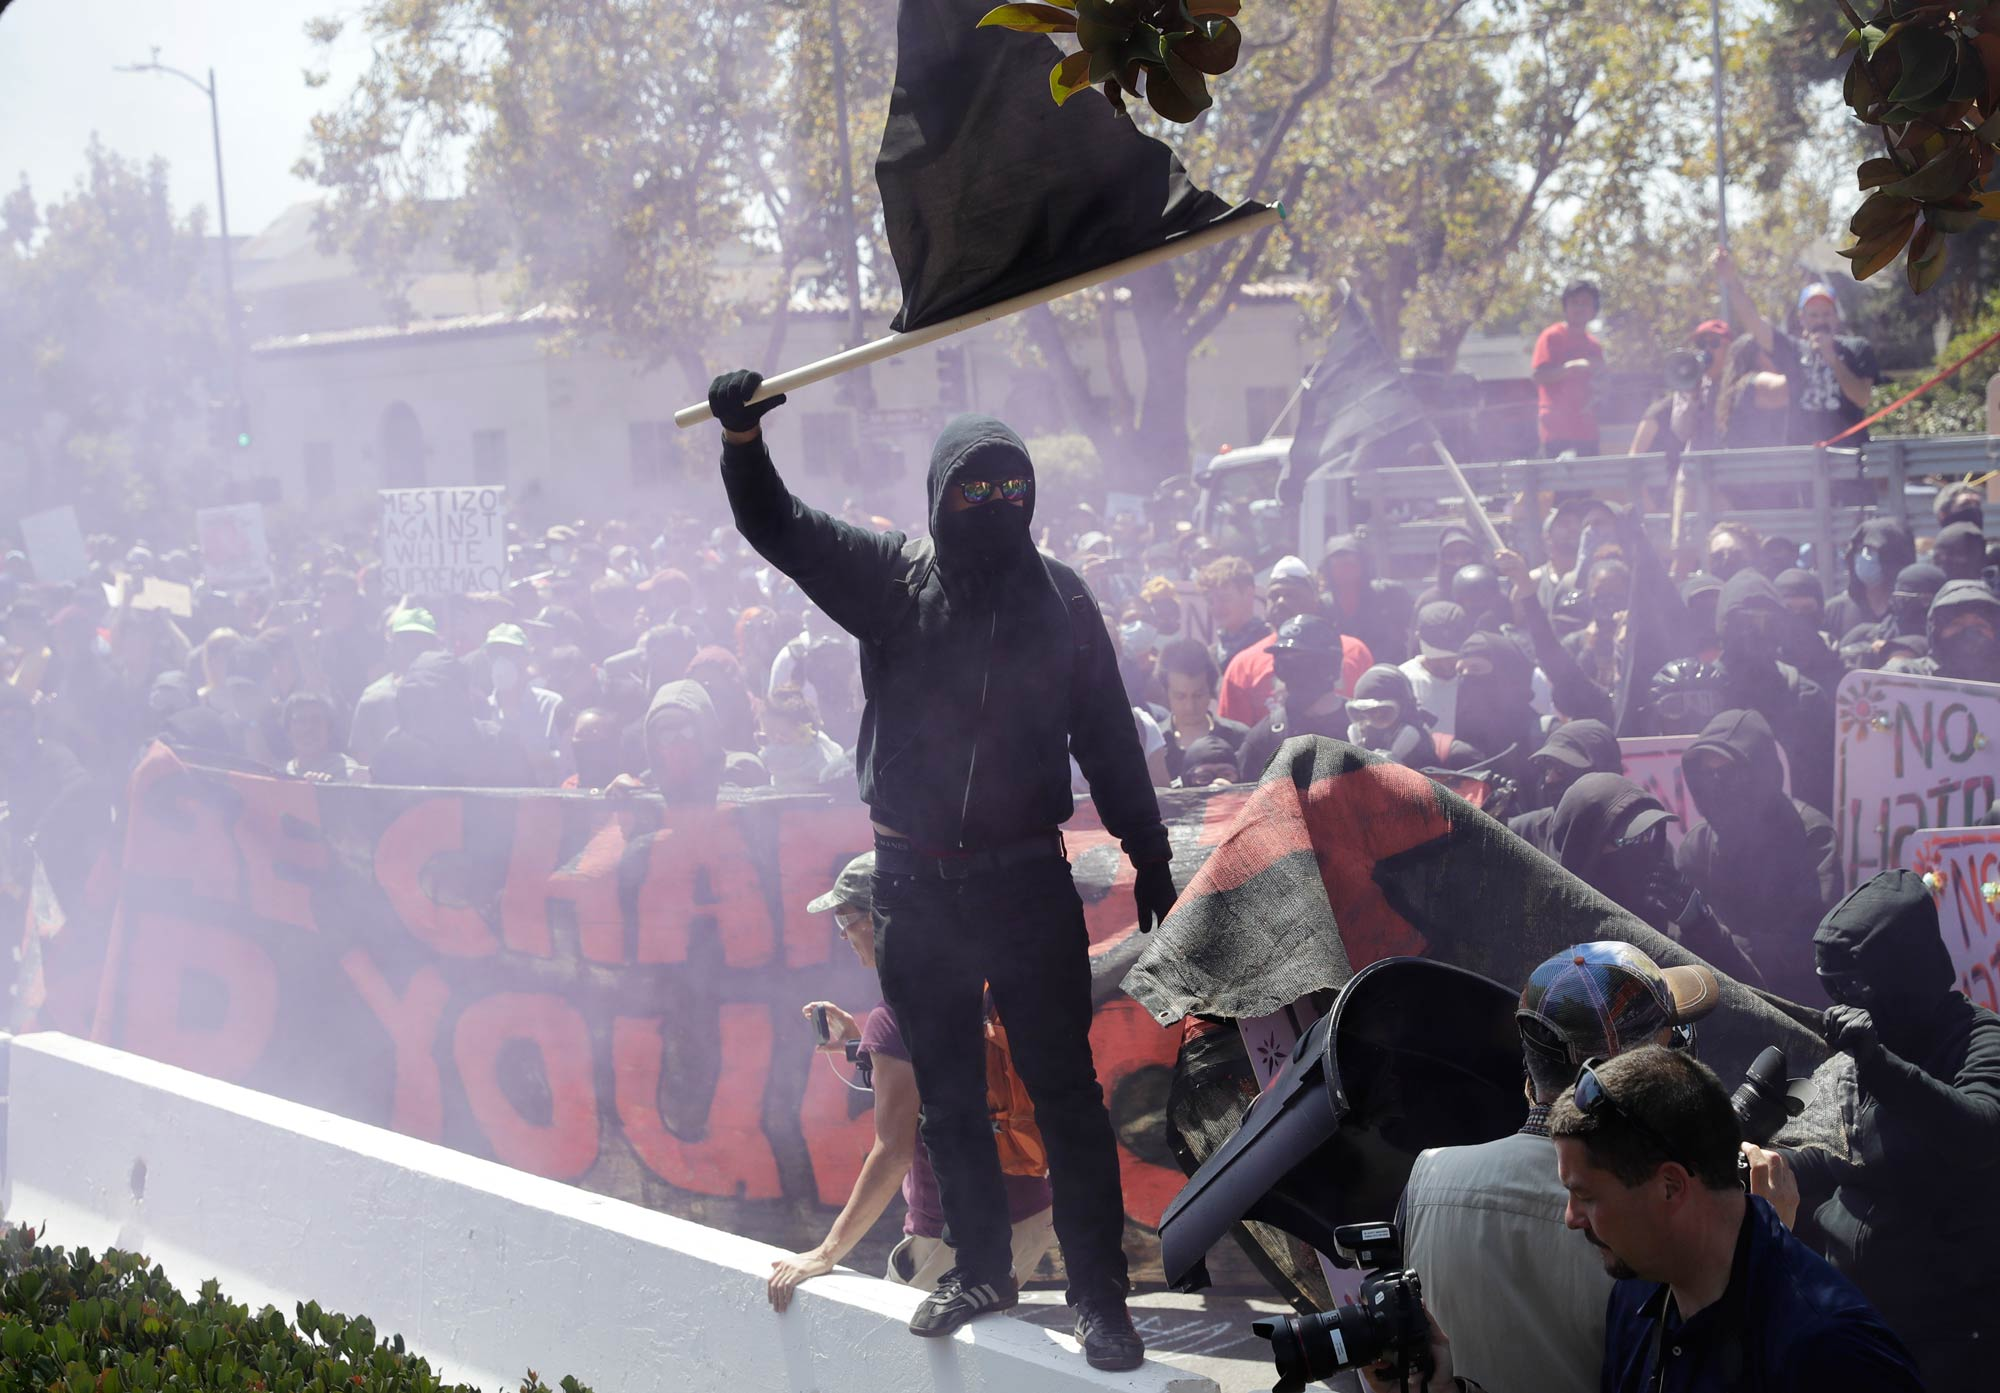 Berkeley antifascist demonstrator